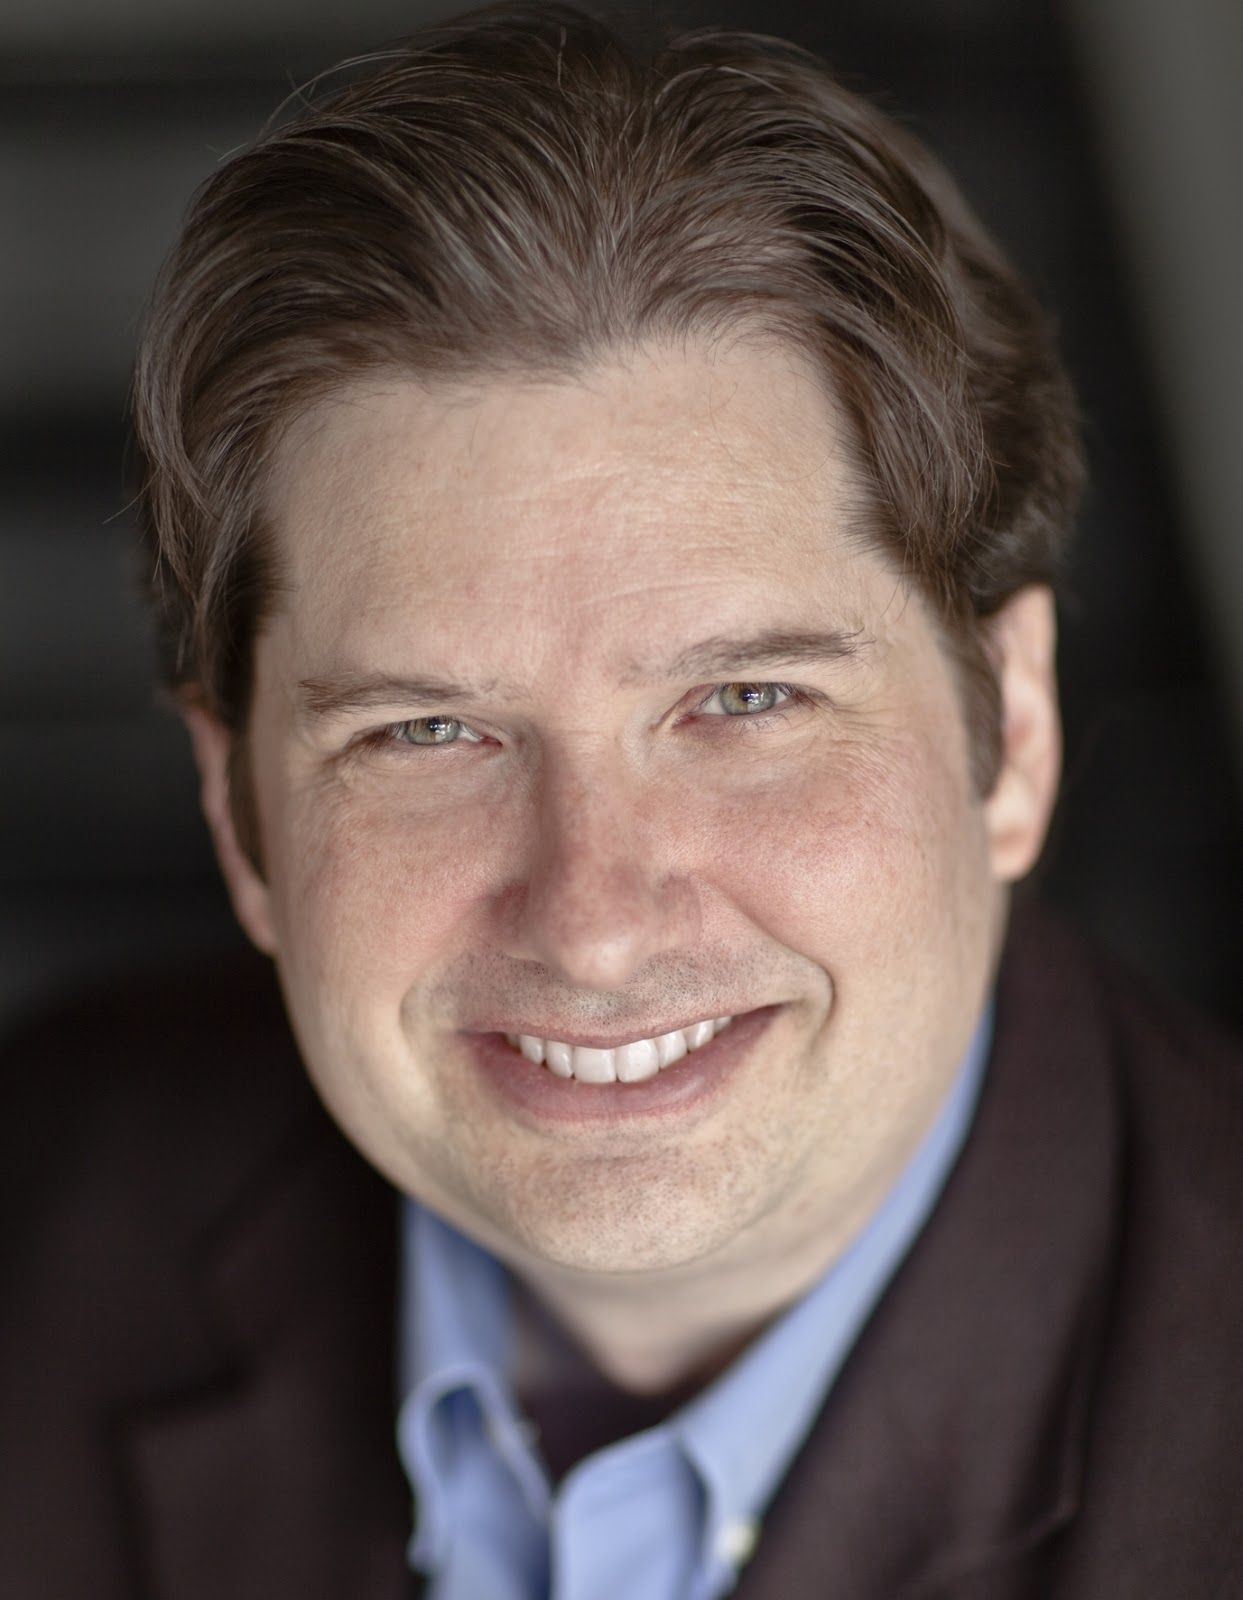 Richard W. Kroon Hacker Noon profile picture